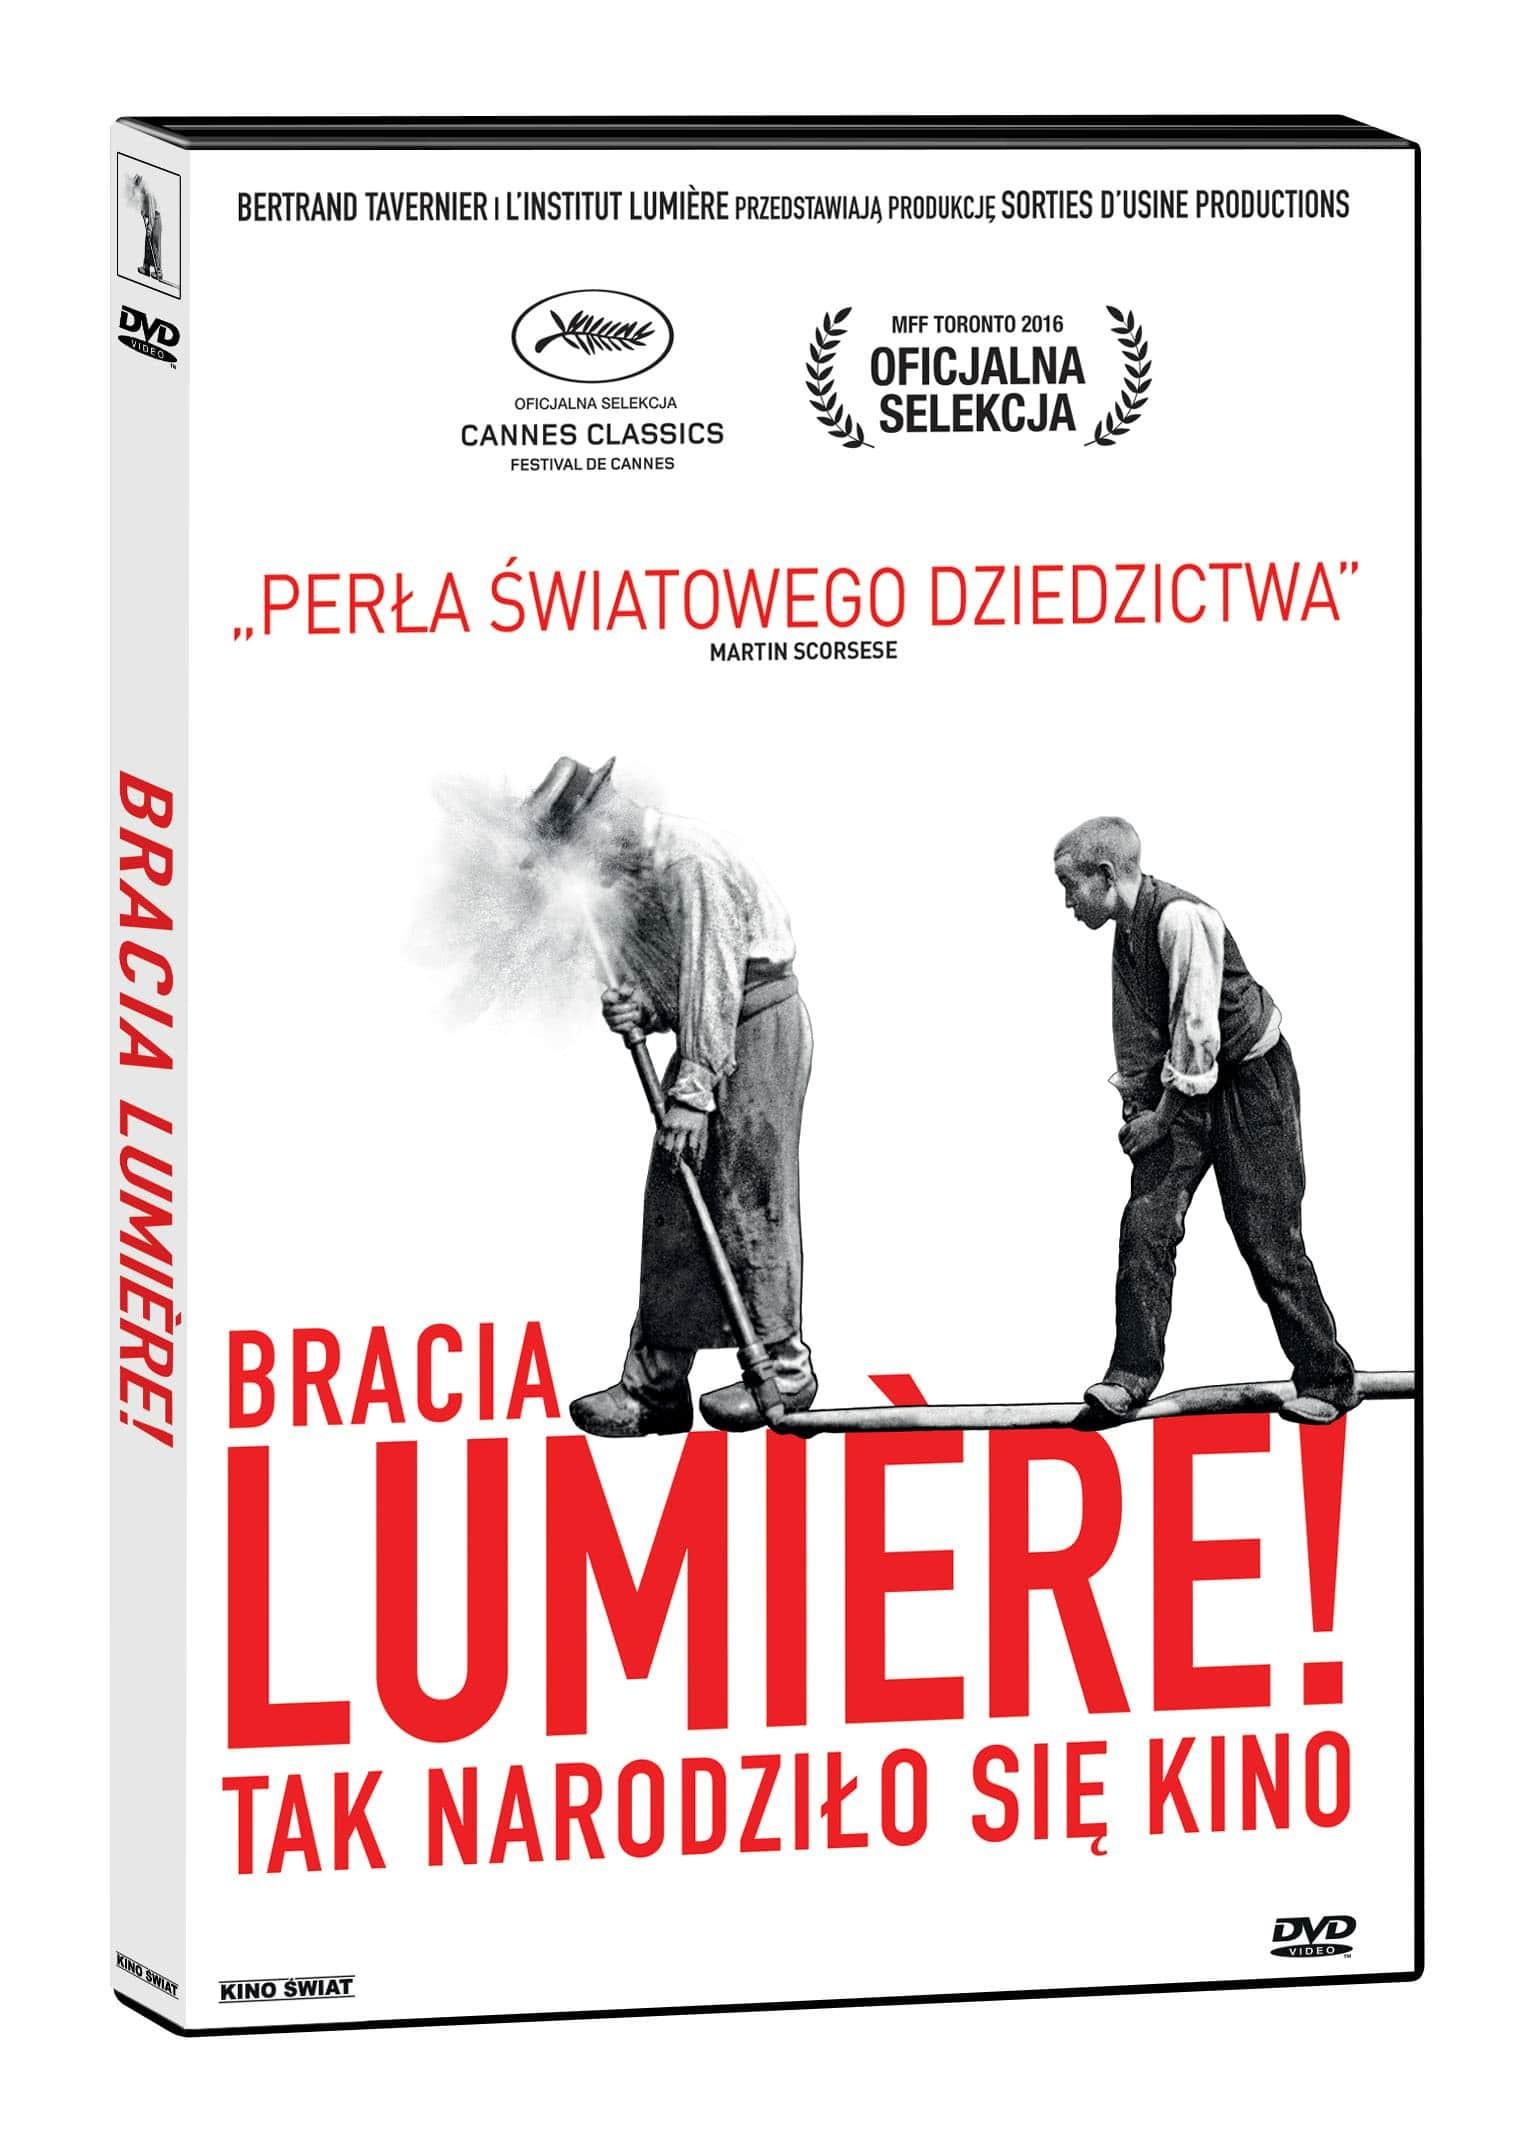 3D_lumiere_bracia_dvd-min.jpg